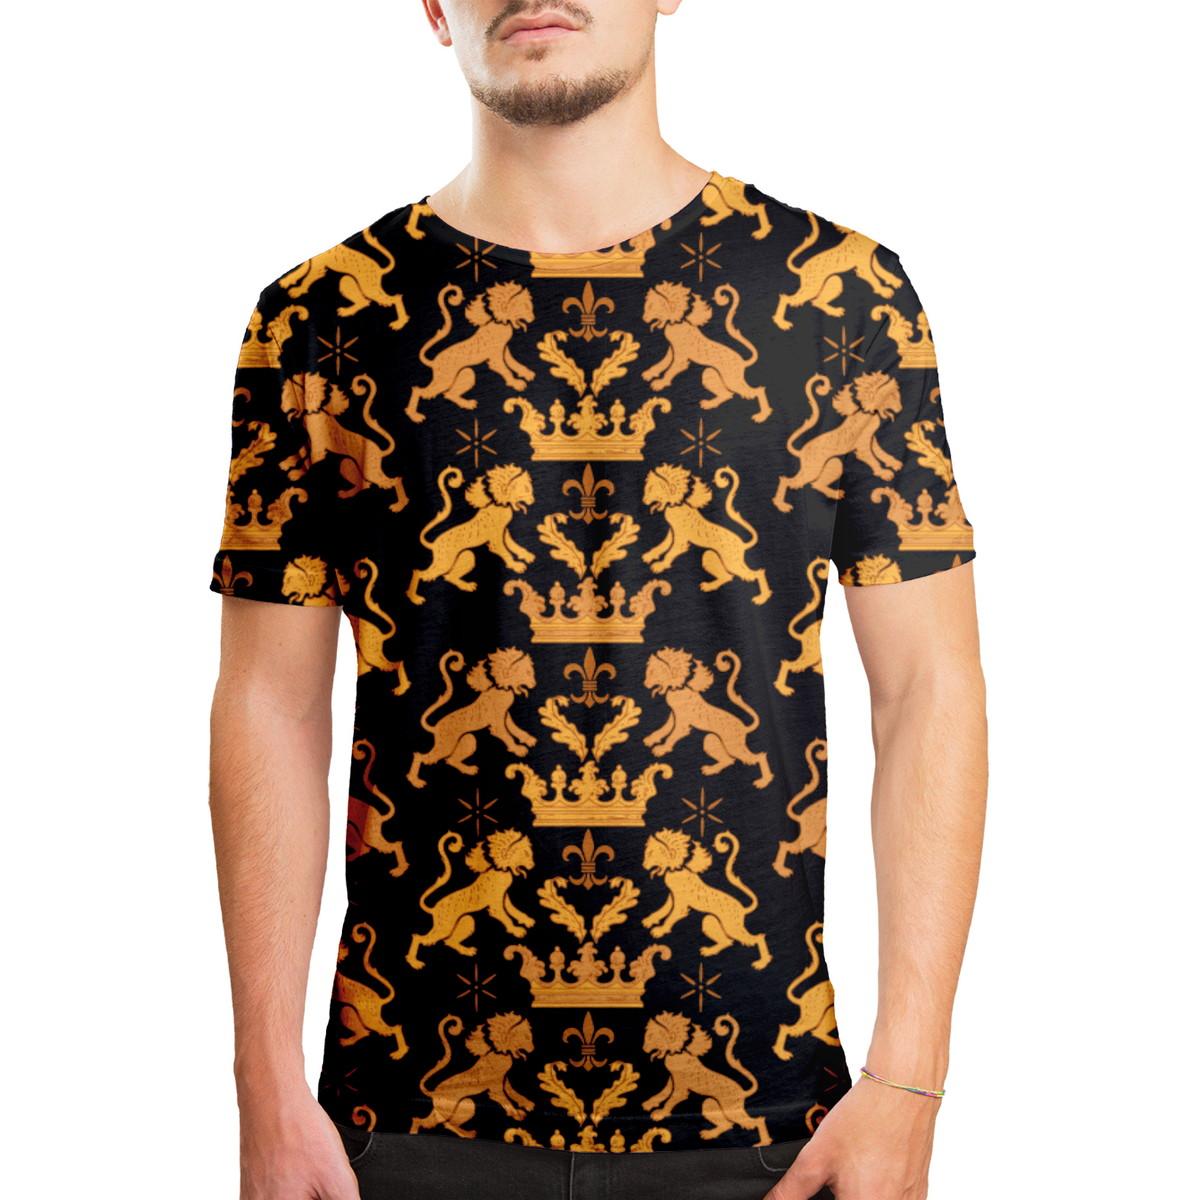 Camiseta Masculina Leão Real Estampa Digital no Elo7  a95e3dcaebffc